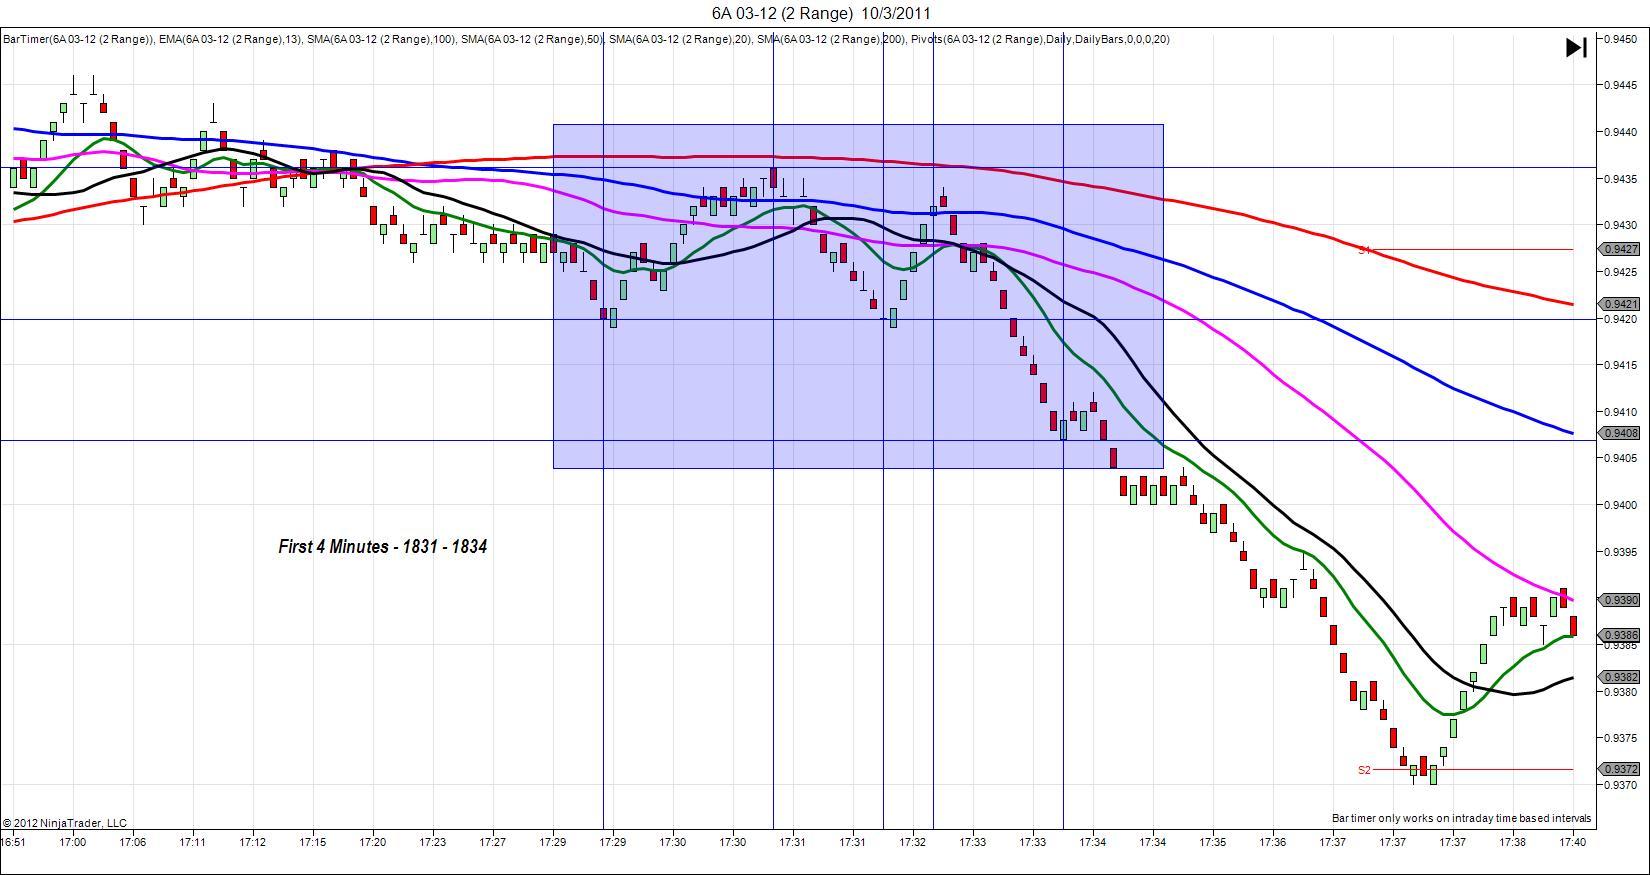 6A 03 12 (2 Range) 10.03.11